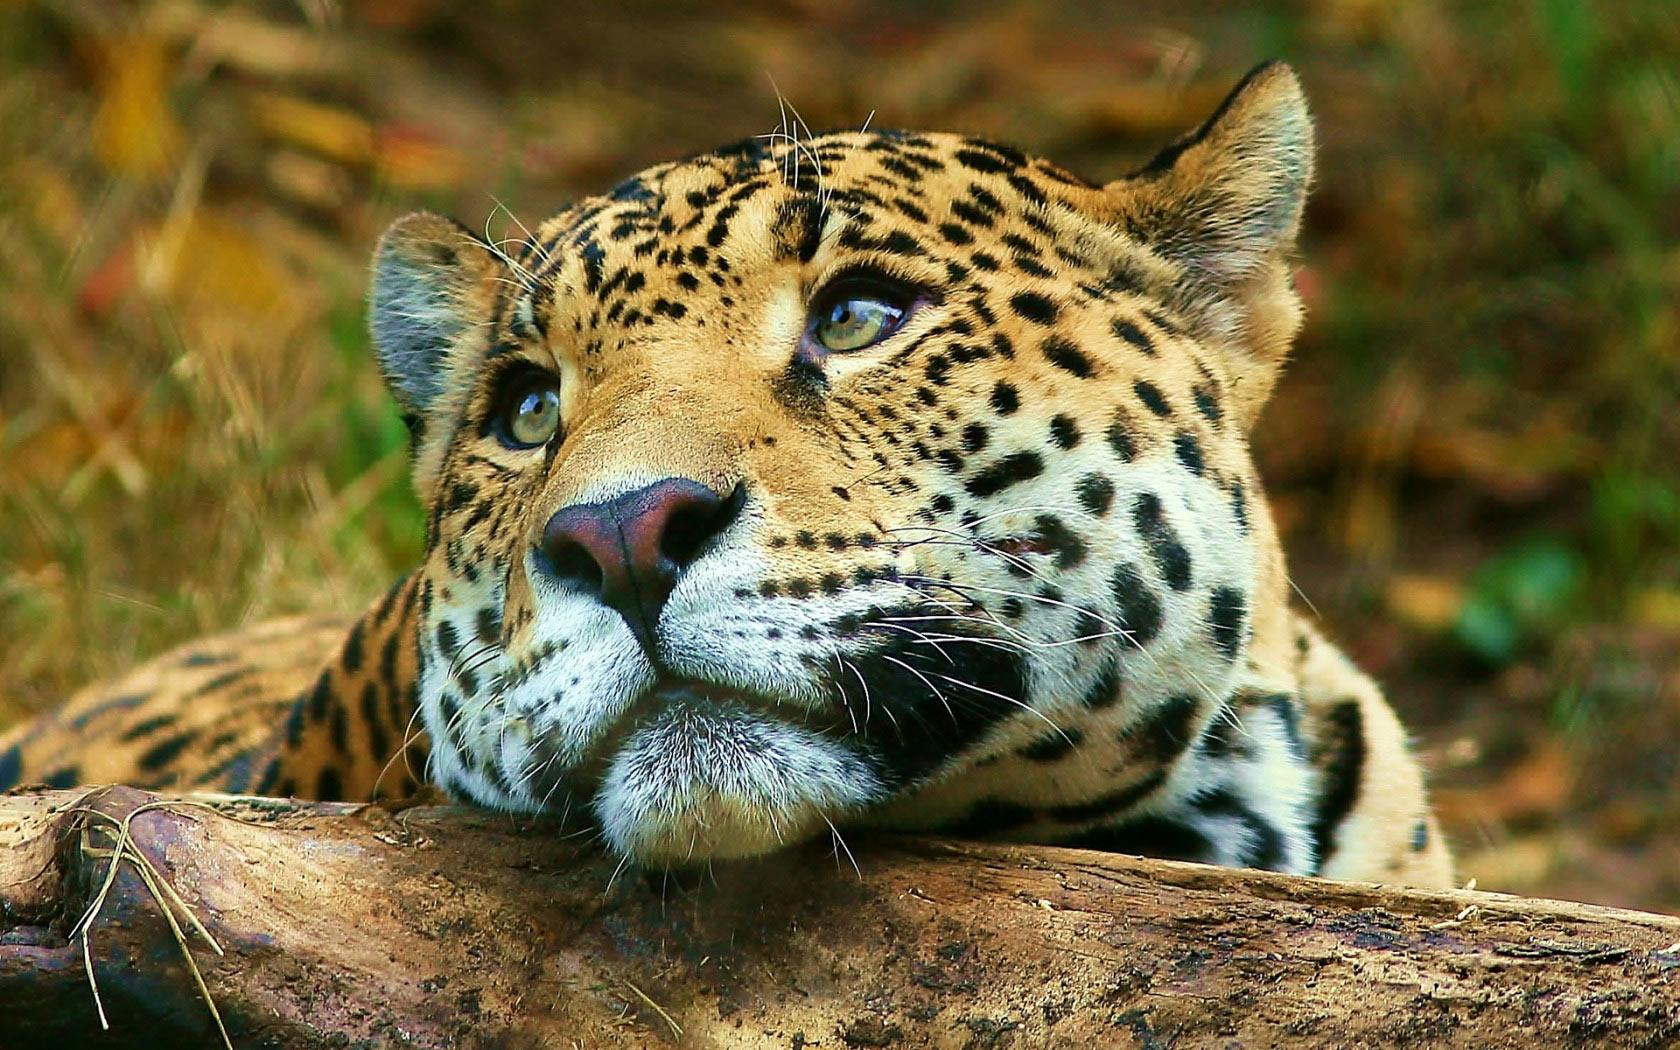 фото леопардов хорошего качества